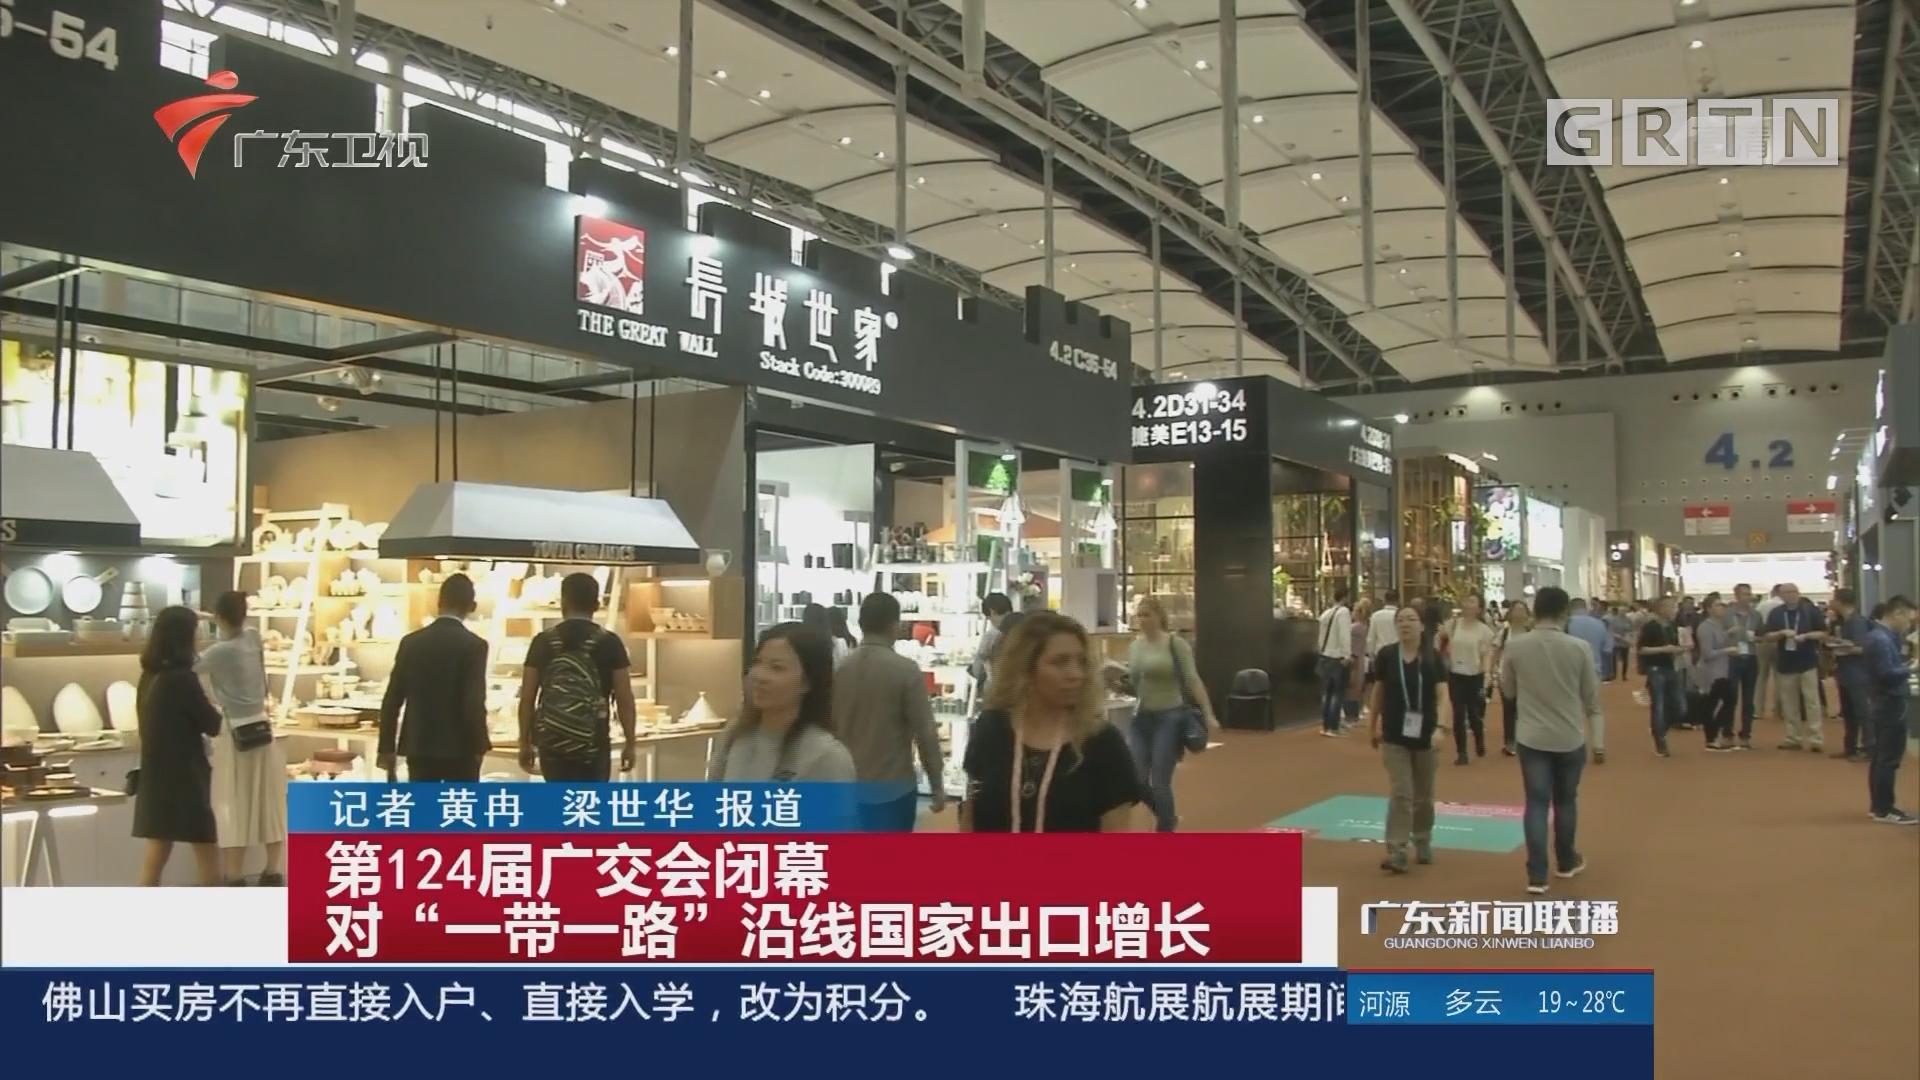 """第124届广交会闭幕 对""""一带一路""""沿线国家出口增长"""